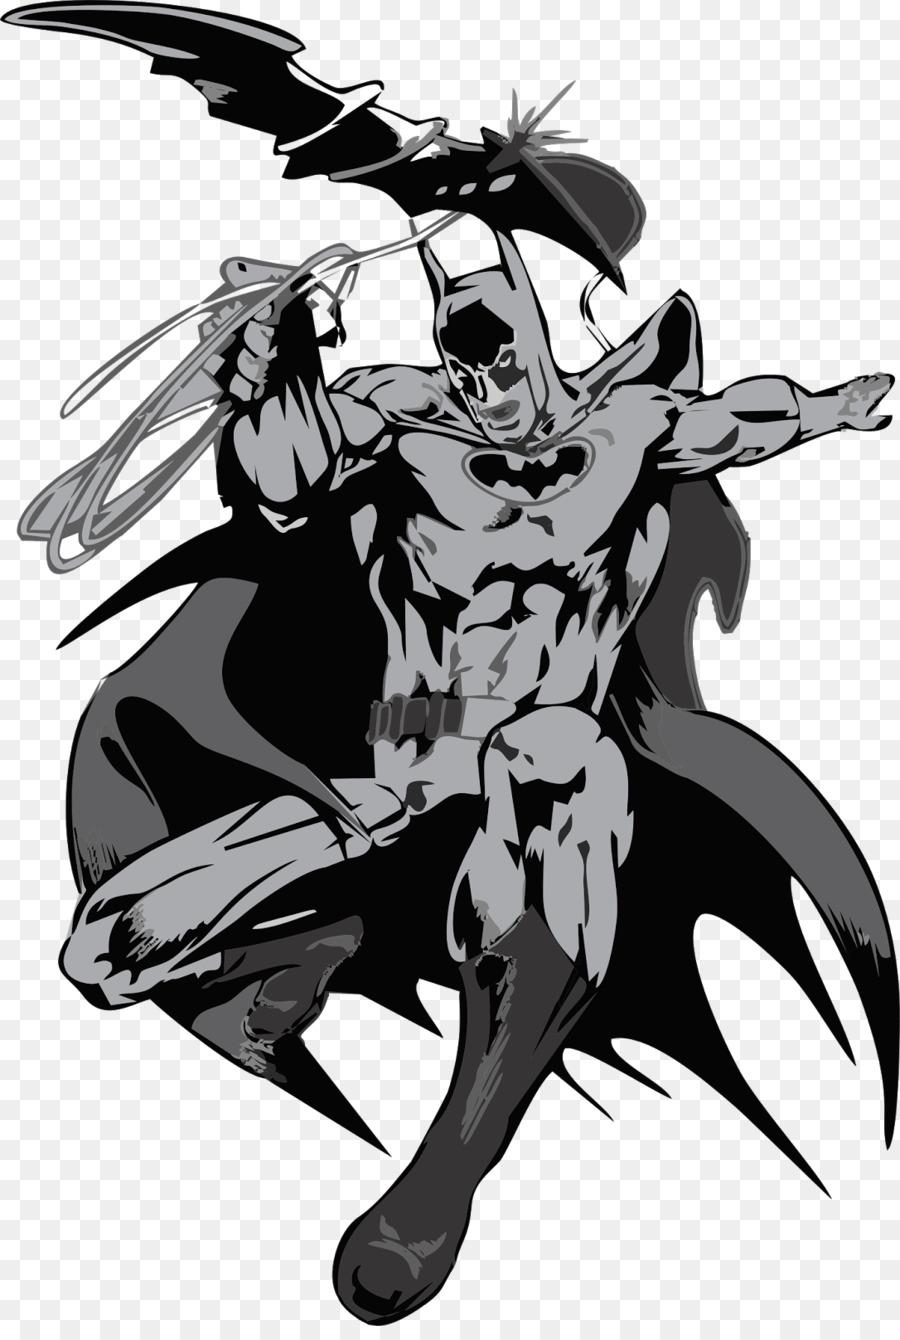 Batman Disegno Da Colorare In Bianco E Nero Joker Mp3 Scaricare